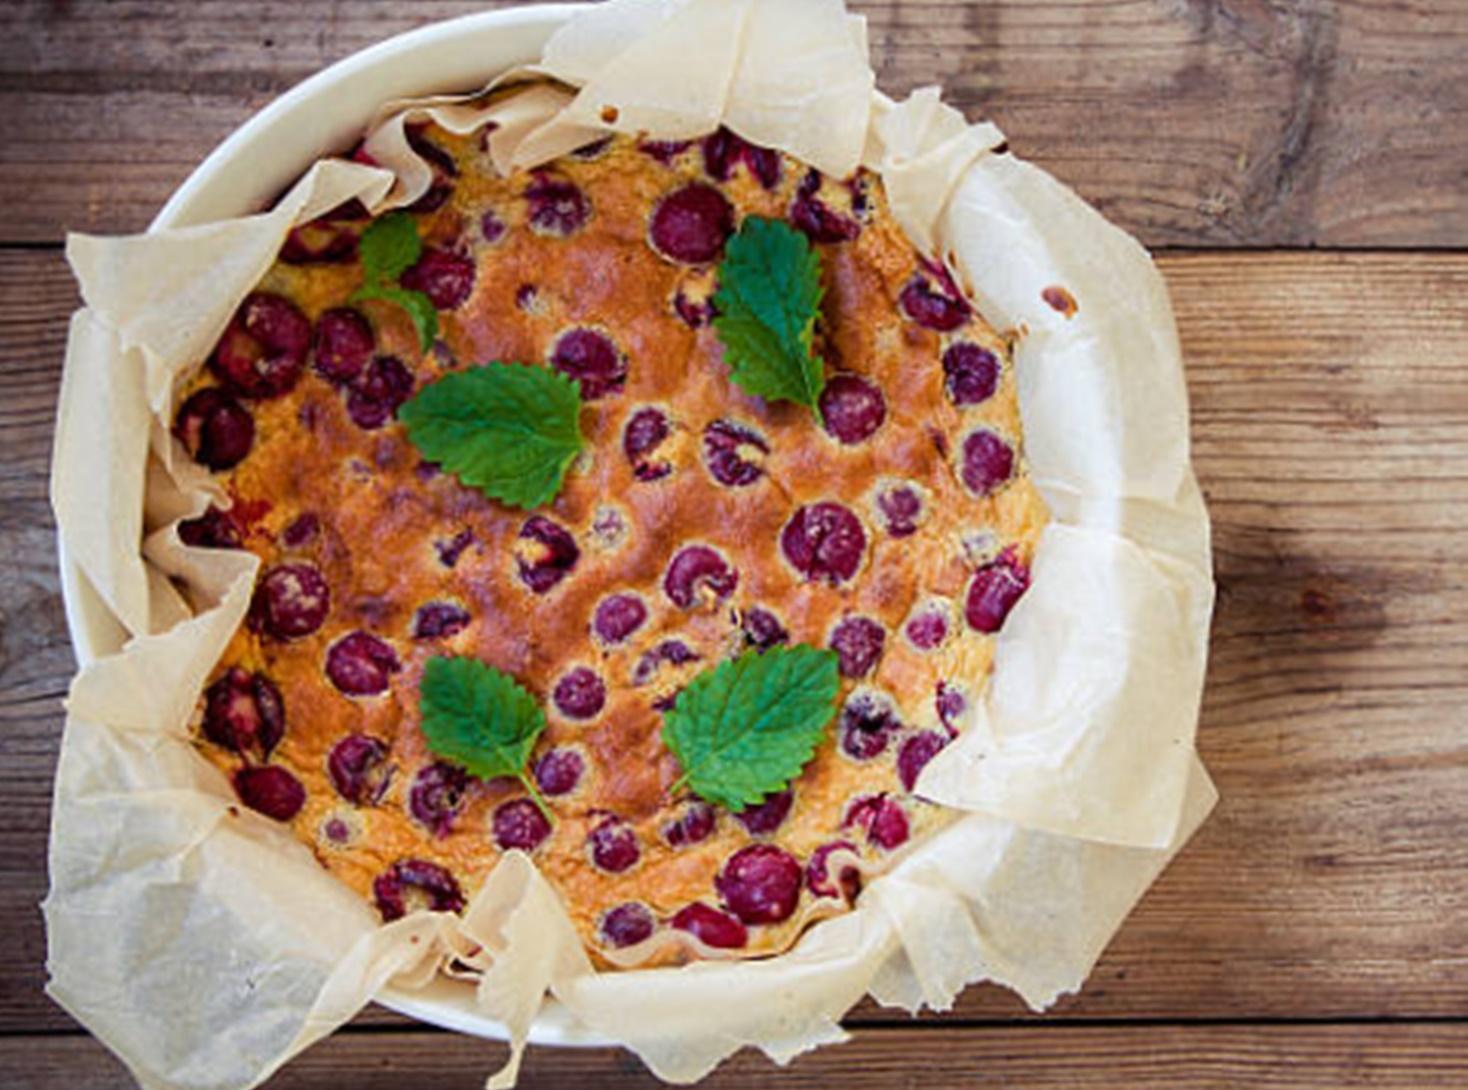 Clafoutis cu cireșe. Desertul vedetă al verii din bucătăria franțuzească